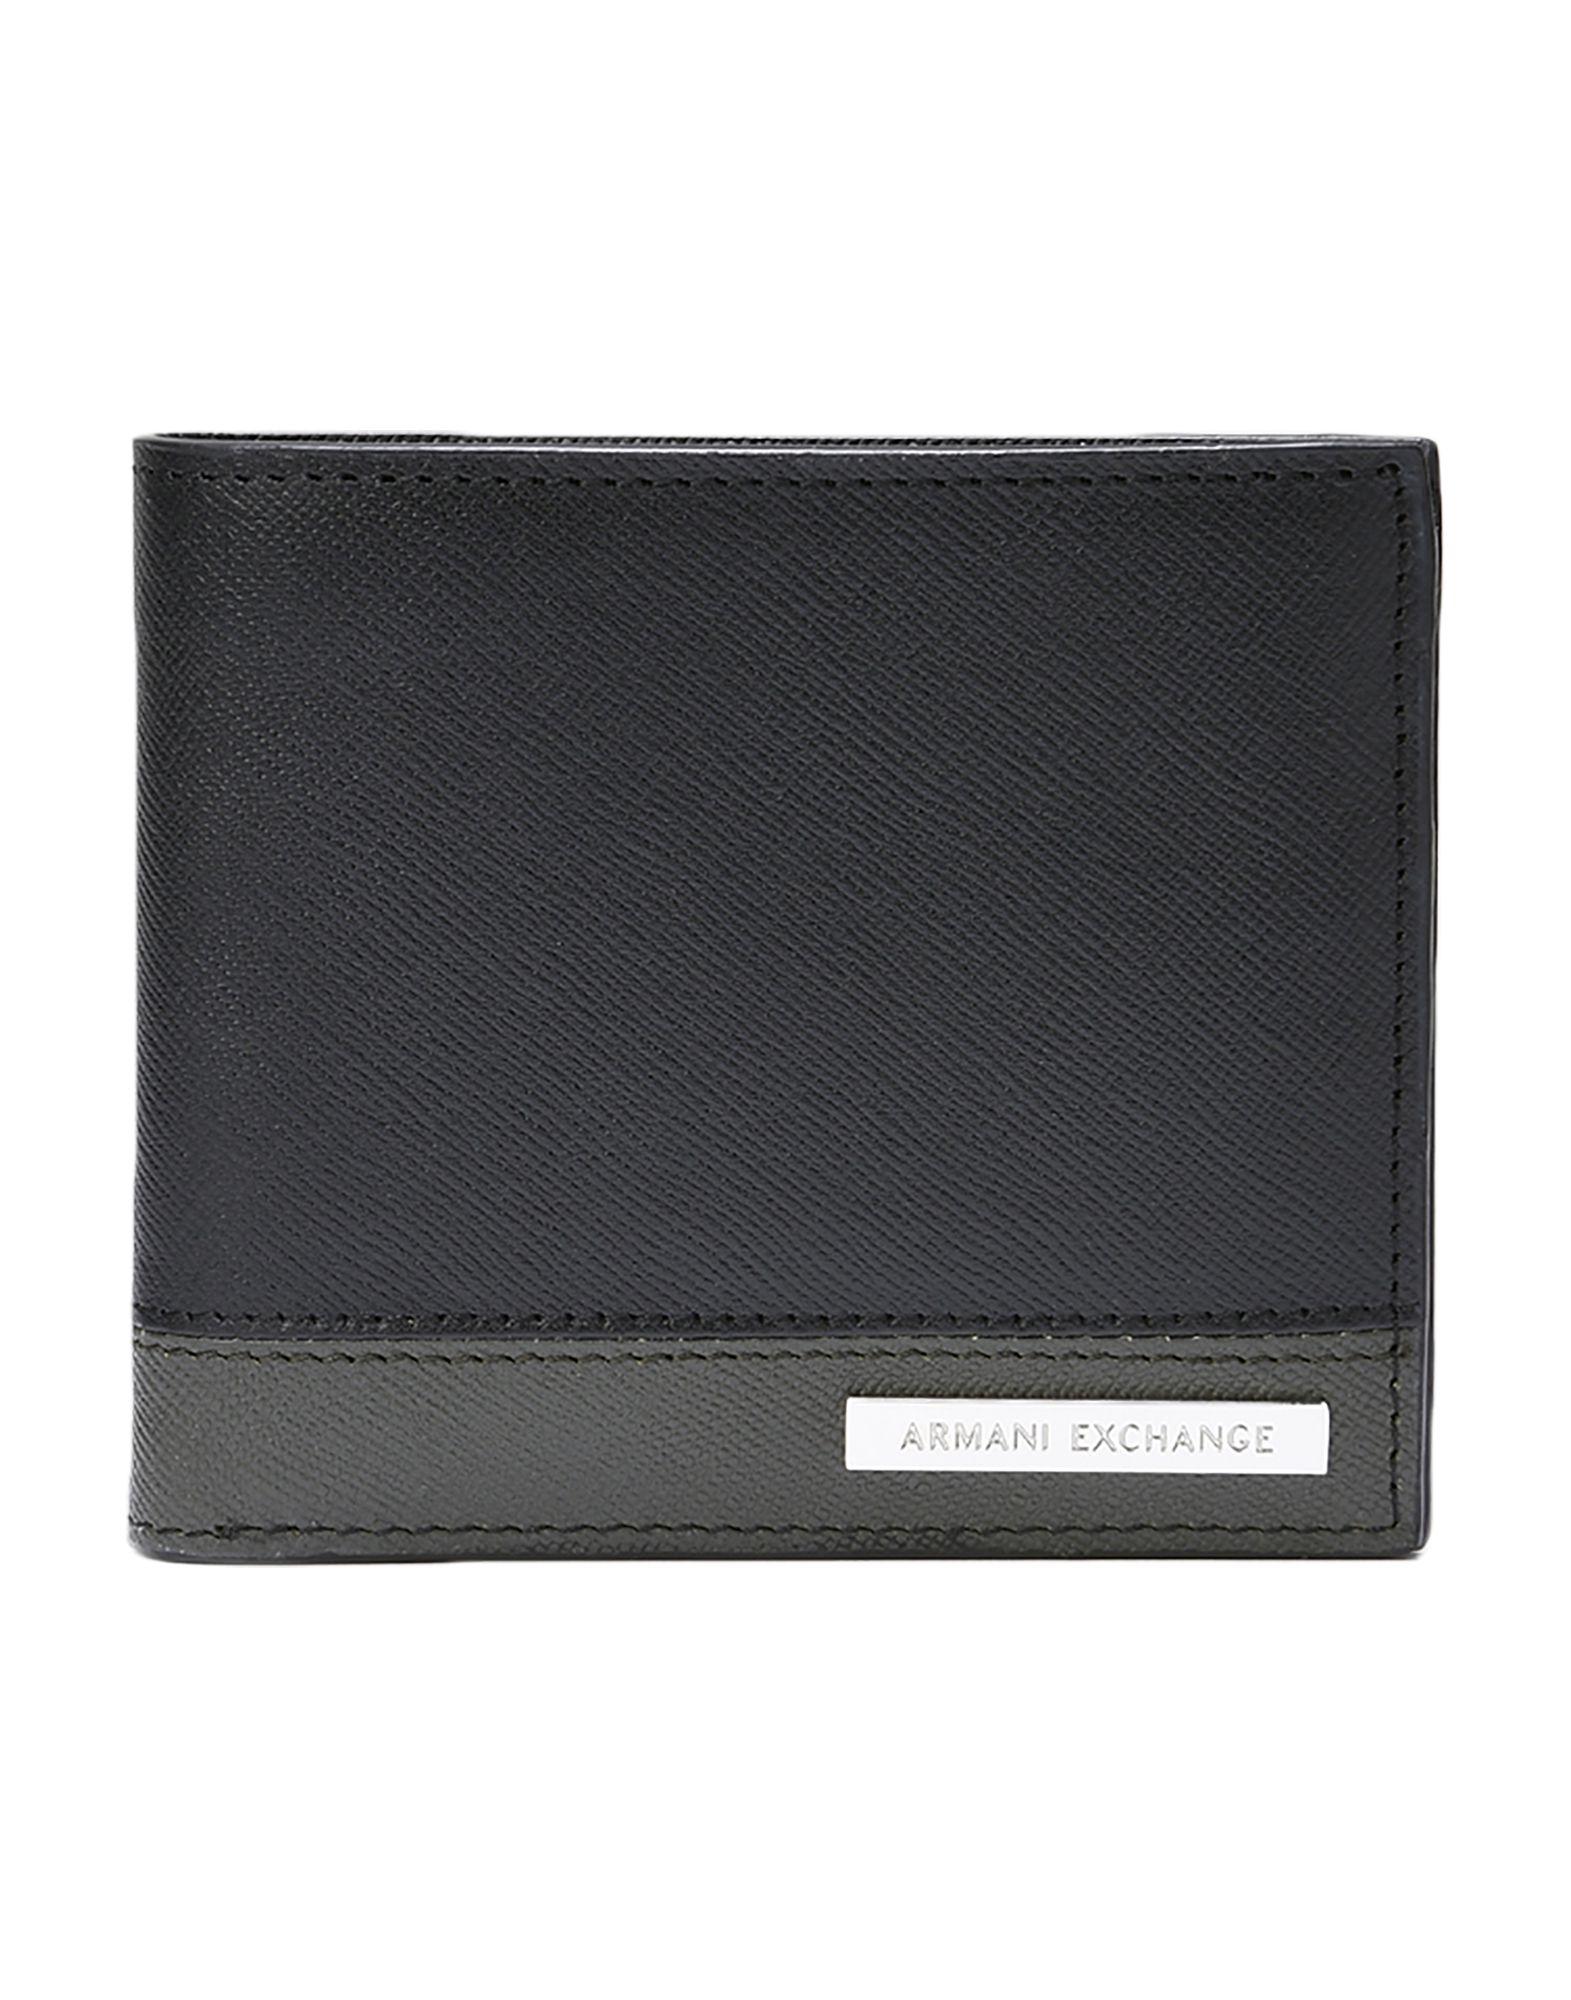 《送料無料》ARMANI EXCHANGE メンズ 財布 ブラック 牛革 100%